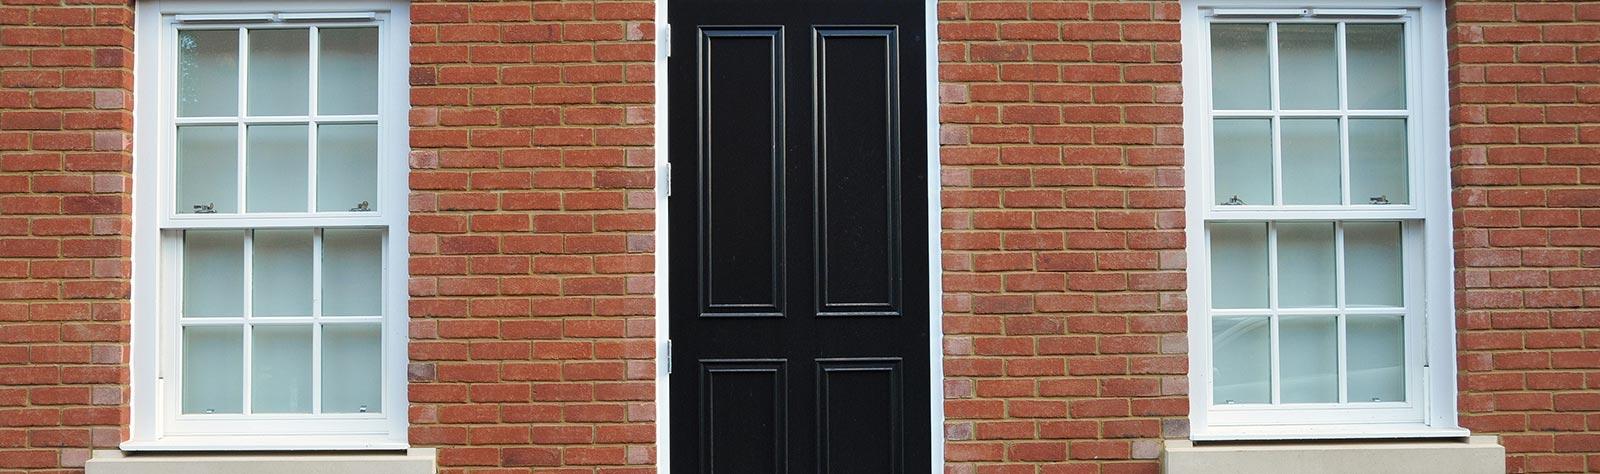 Aluminium Sash Windows : Residential aluminum sash windows capital